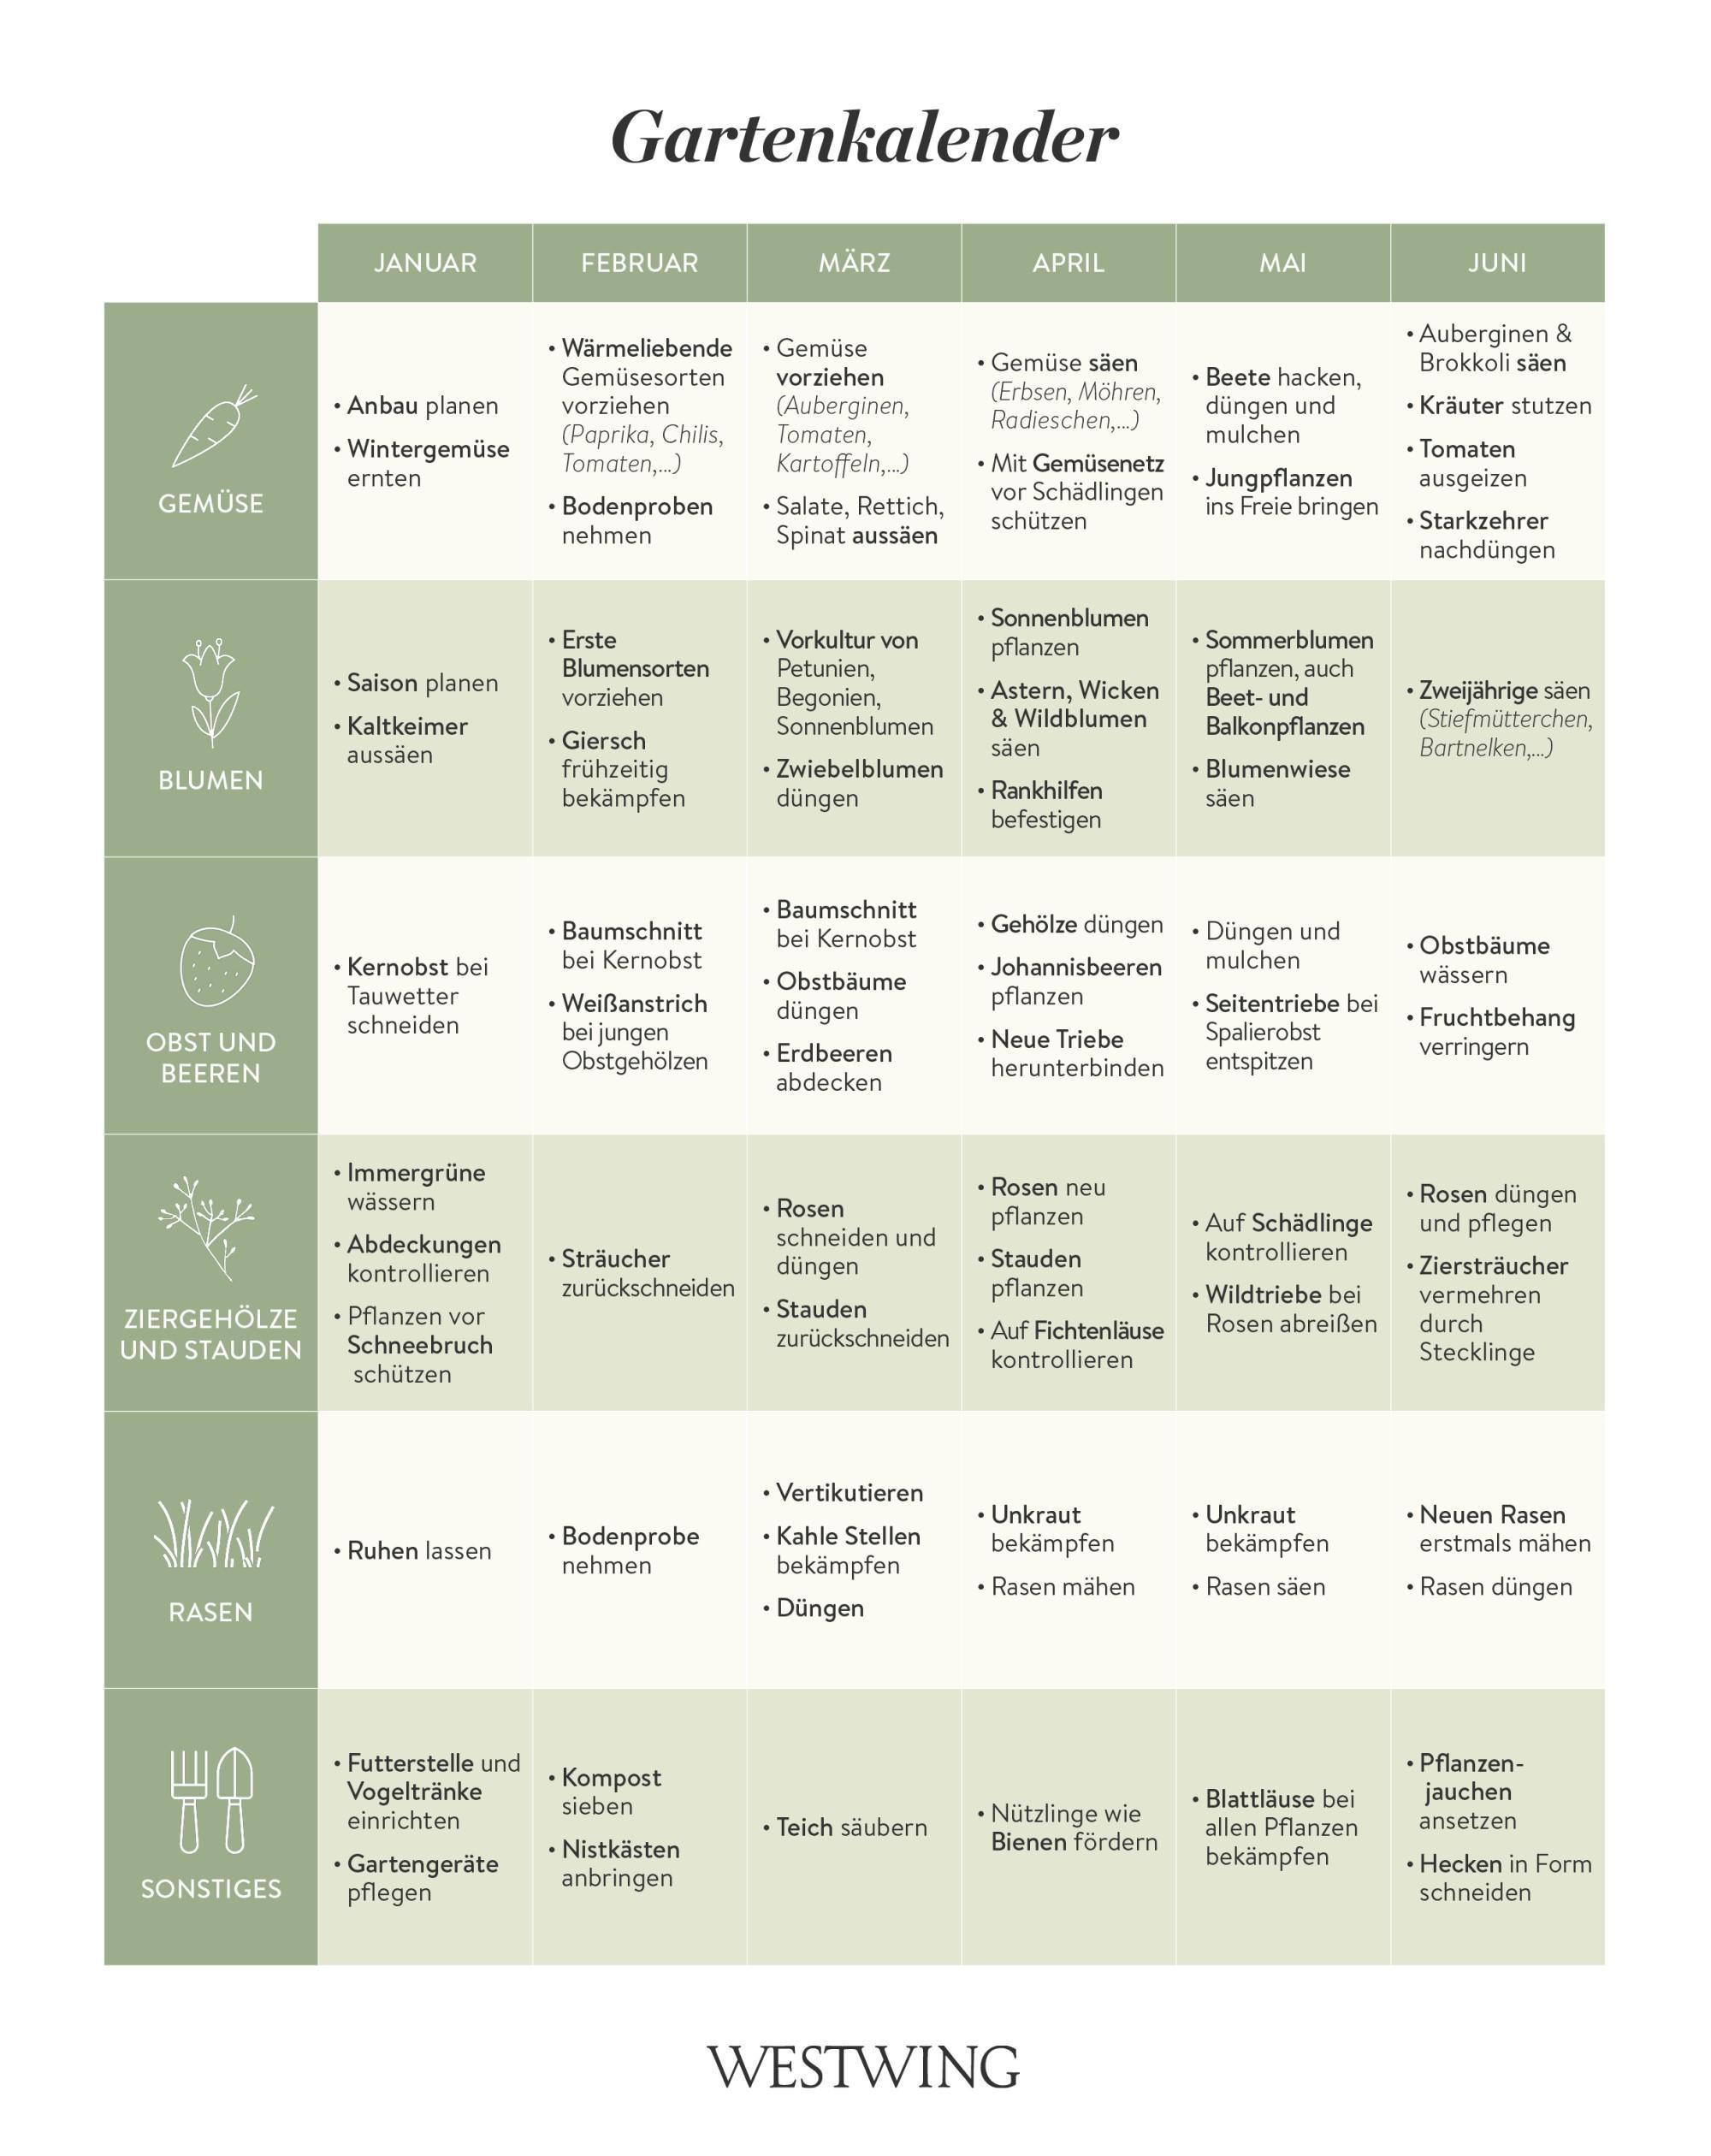 Gartenkalender für das ganze Jahr zum Ausdrucken